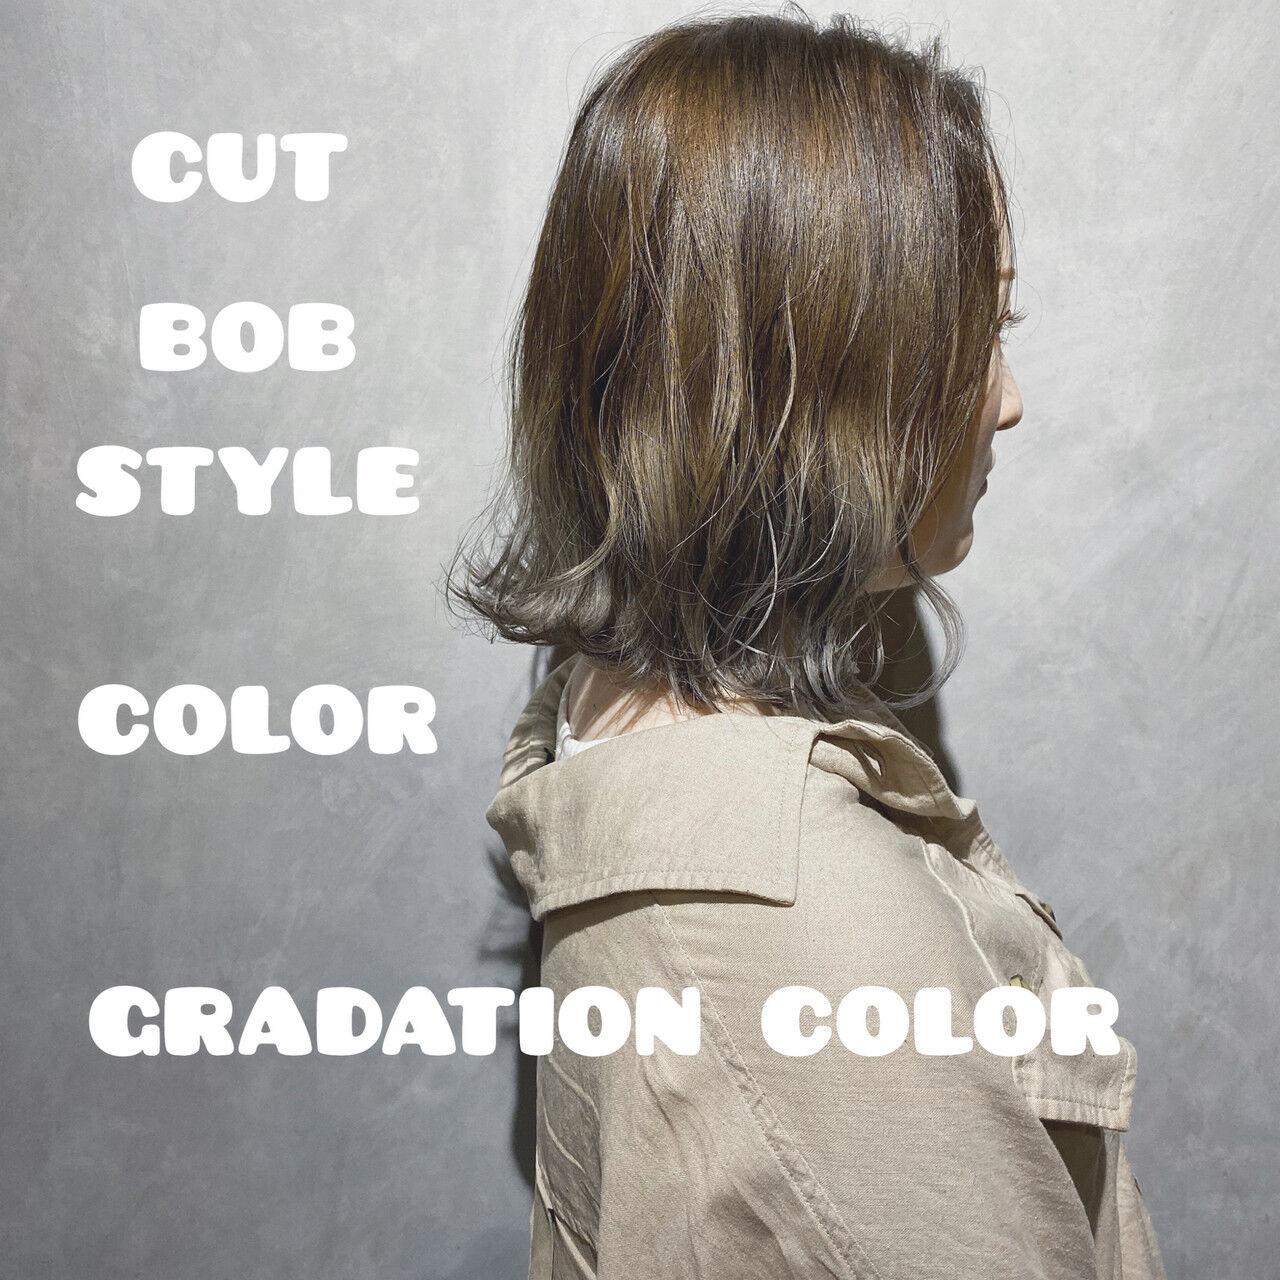 ナチュラル ボブ インナーカラー ウルフカットヘアスタイルや髪型の写真・画像